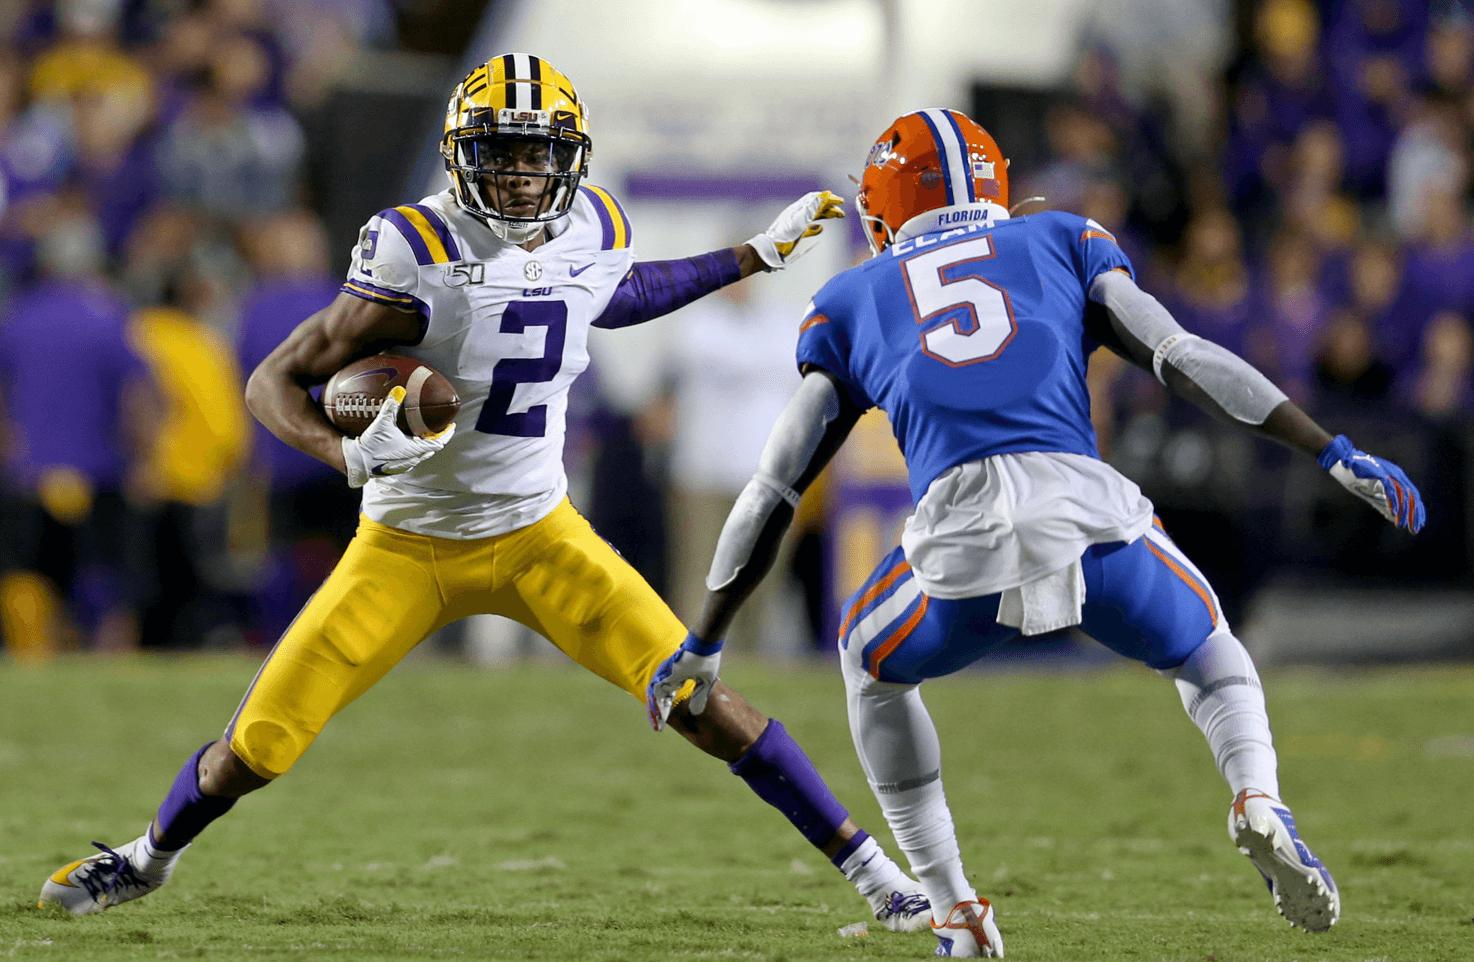 Florida-LSU game